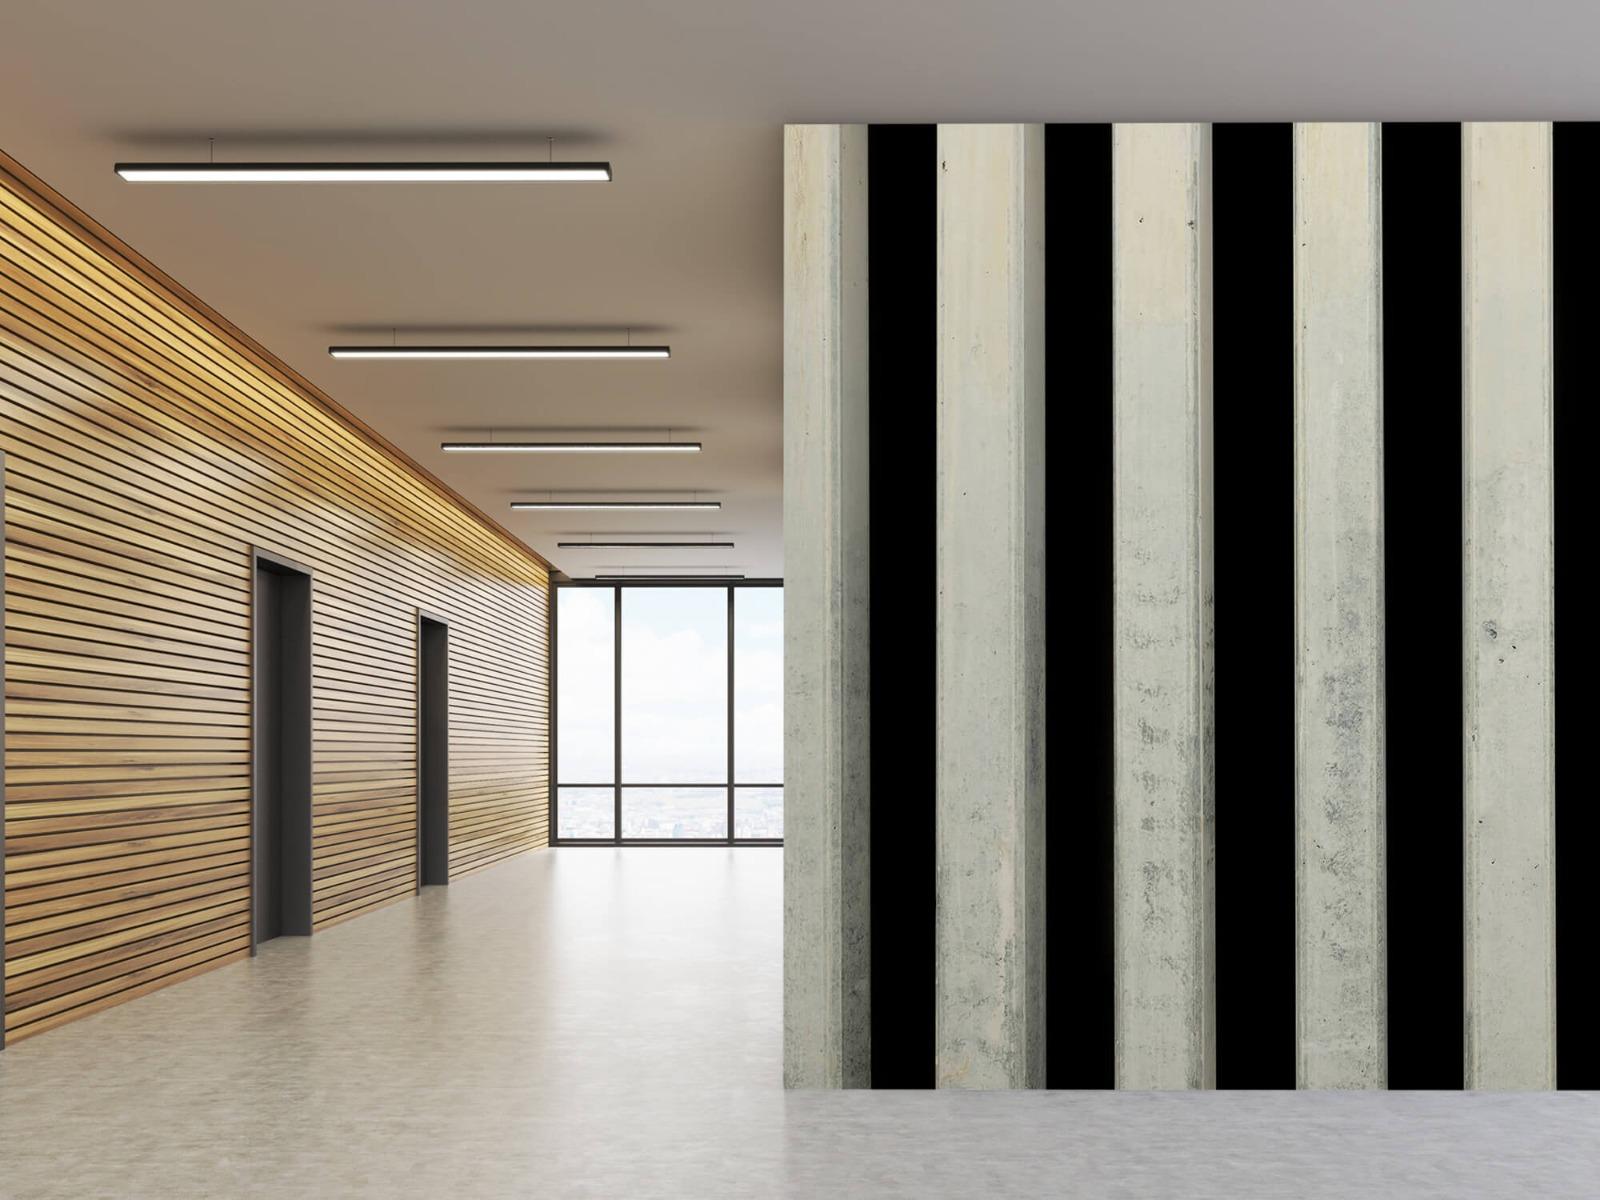 Elementen - Betonnen pilaren - Wallexclusive - Ontvangstruimte 1